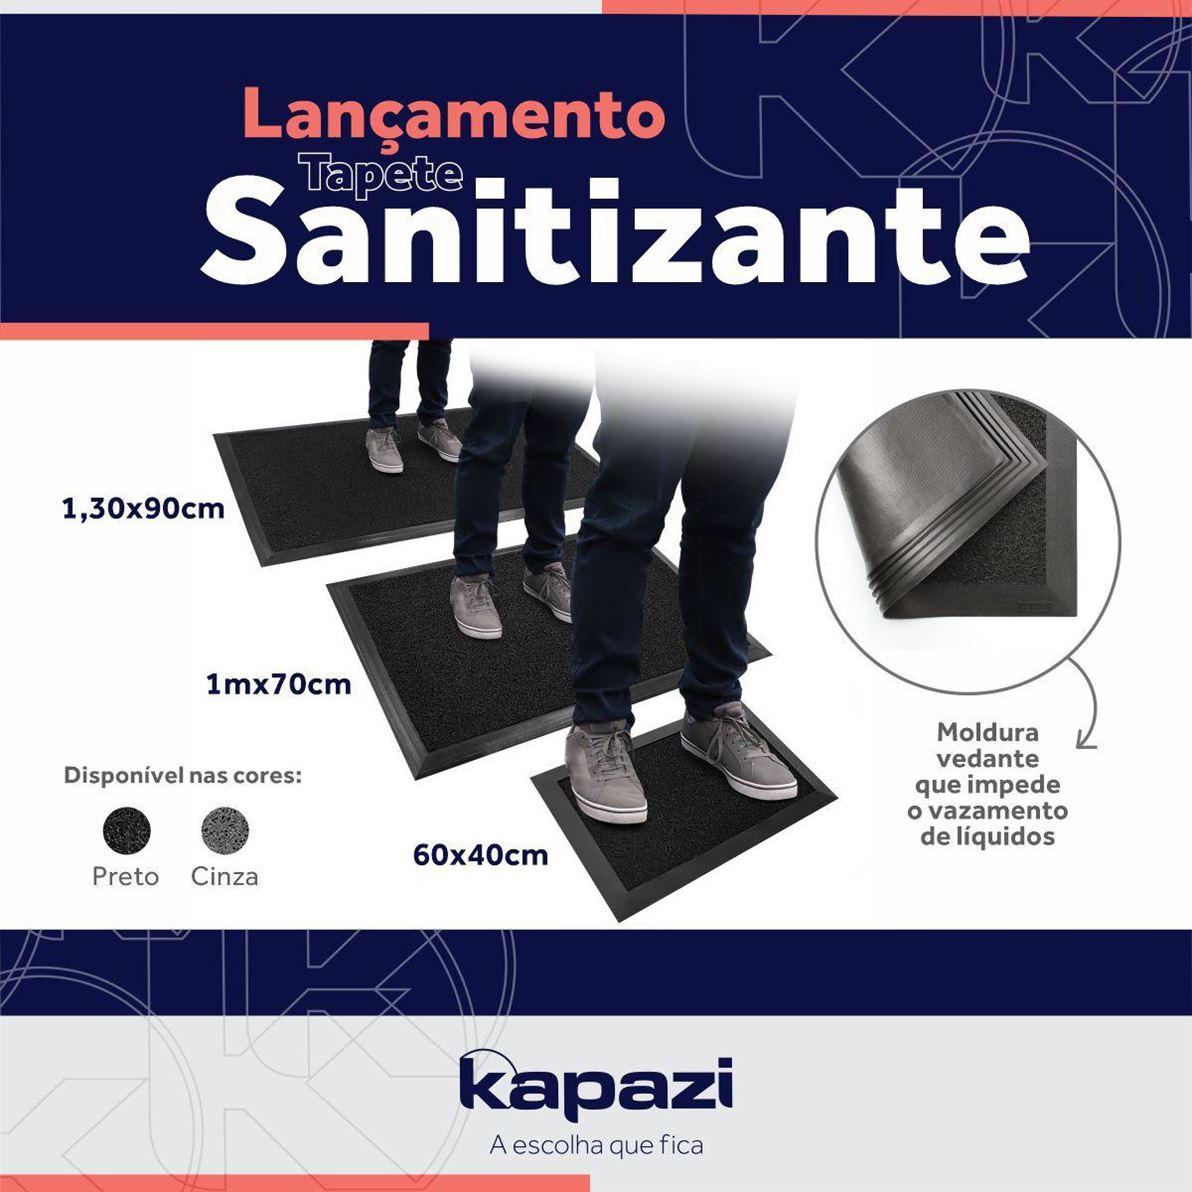 Tapete Sanitizante, ideal para o uso comercial e residencial